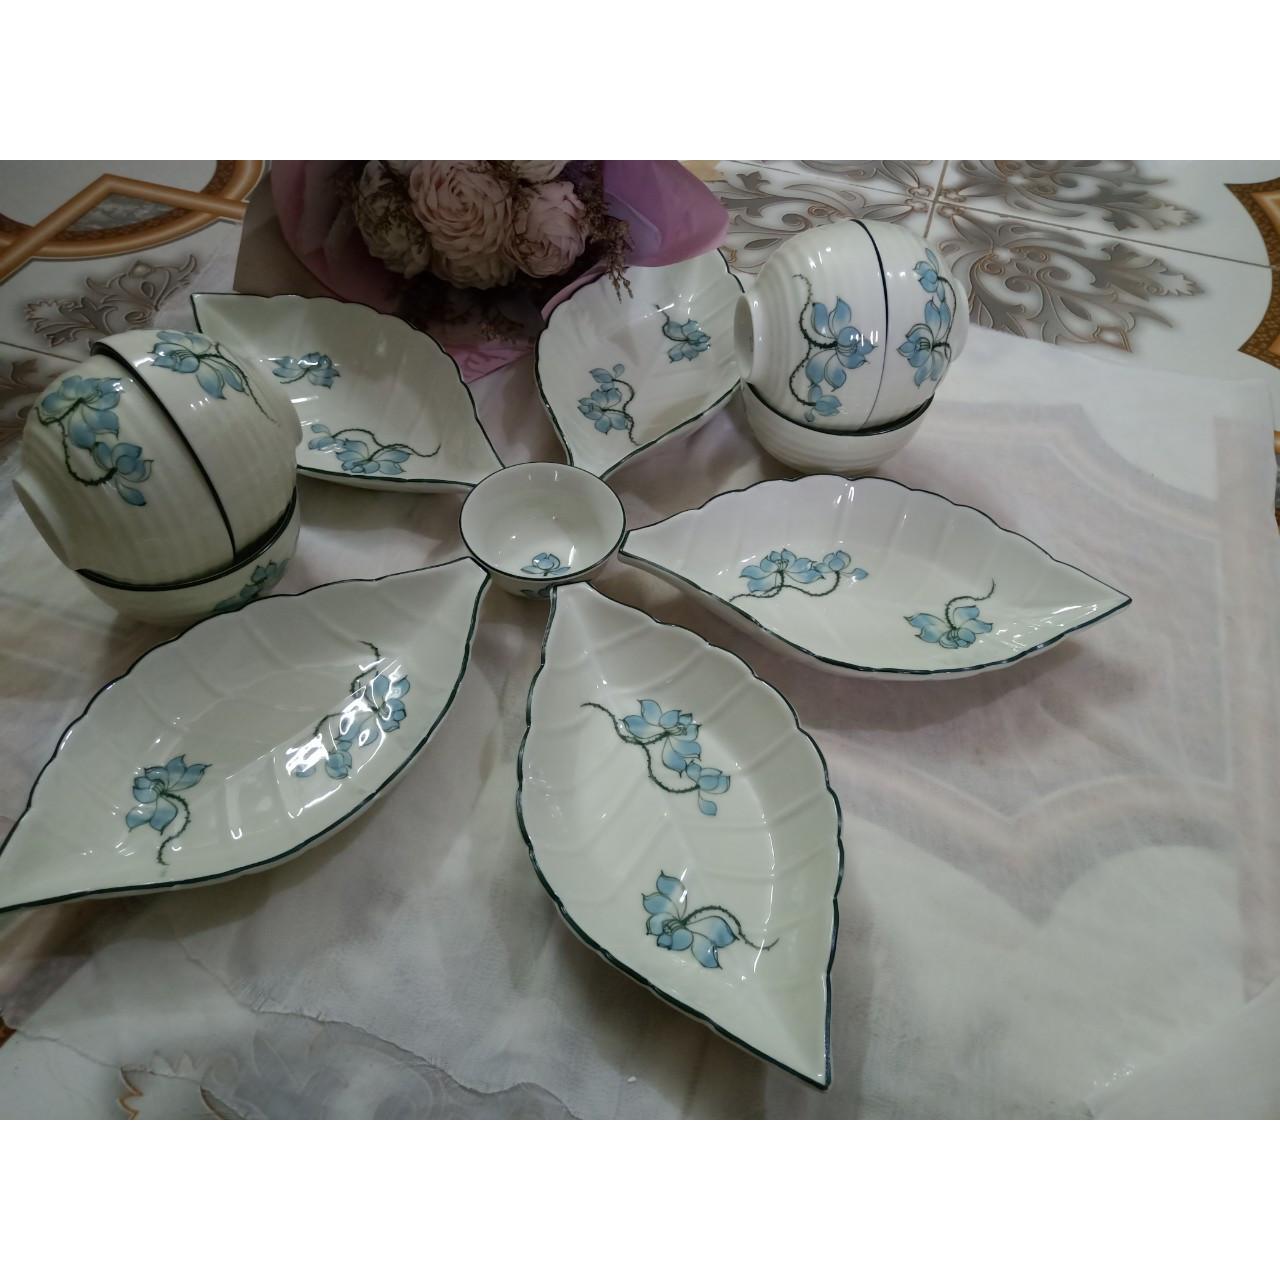 Bộ sản phẩm đĩa + bát vẽ hoa sen gốm sứ Bát Tràng